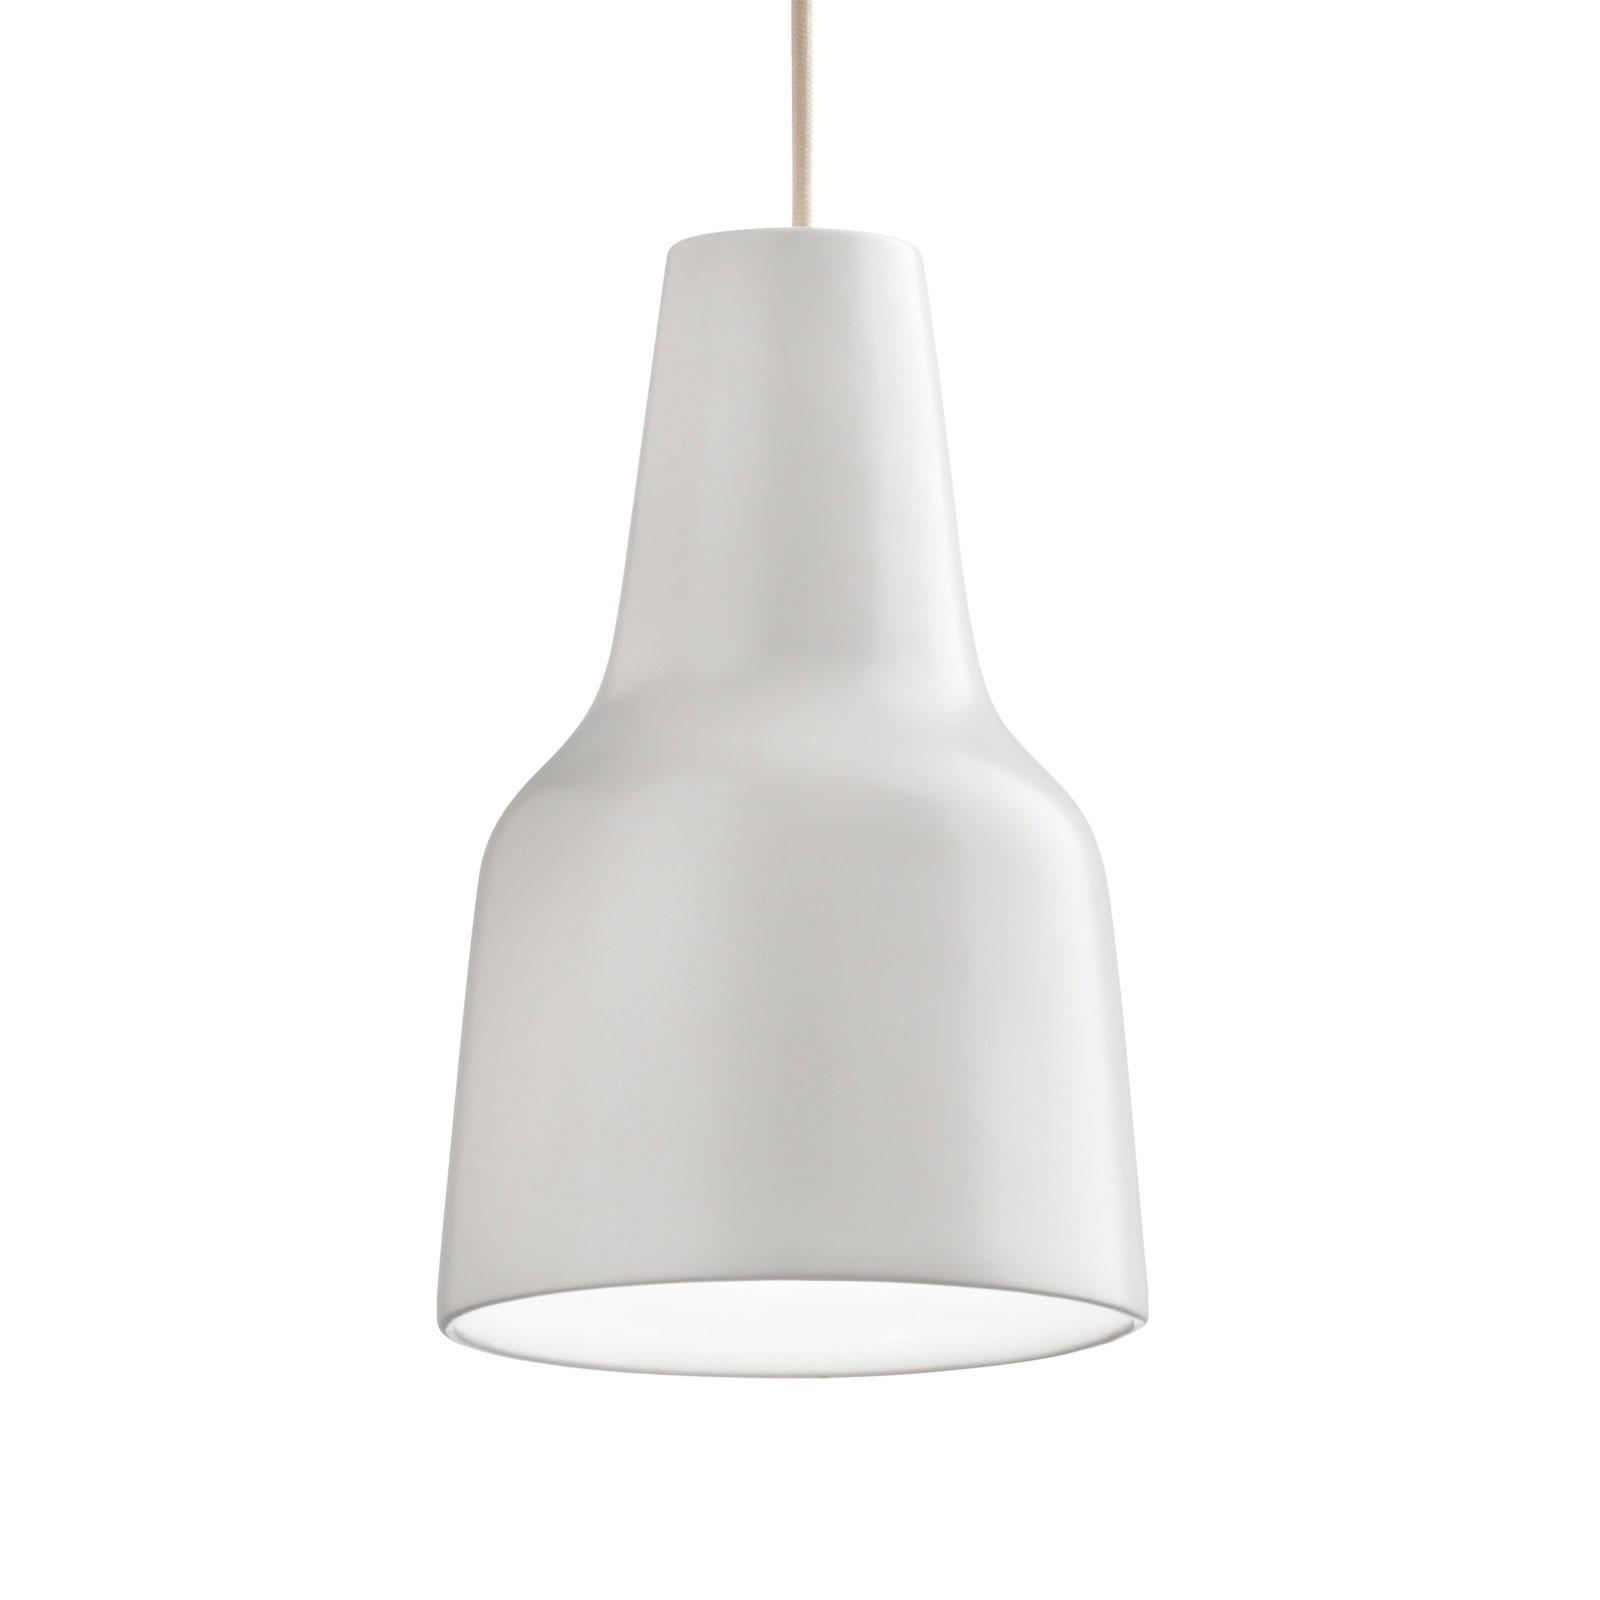 Modo Luce Eva lampa wisząca Ø 38 cm biała